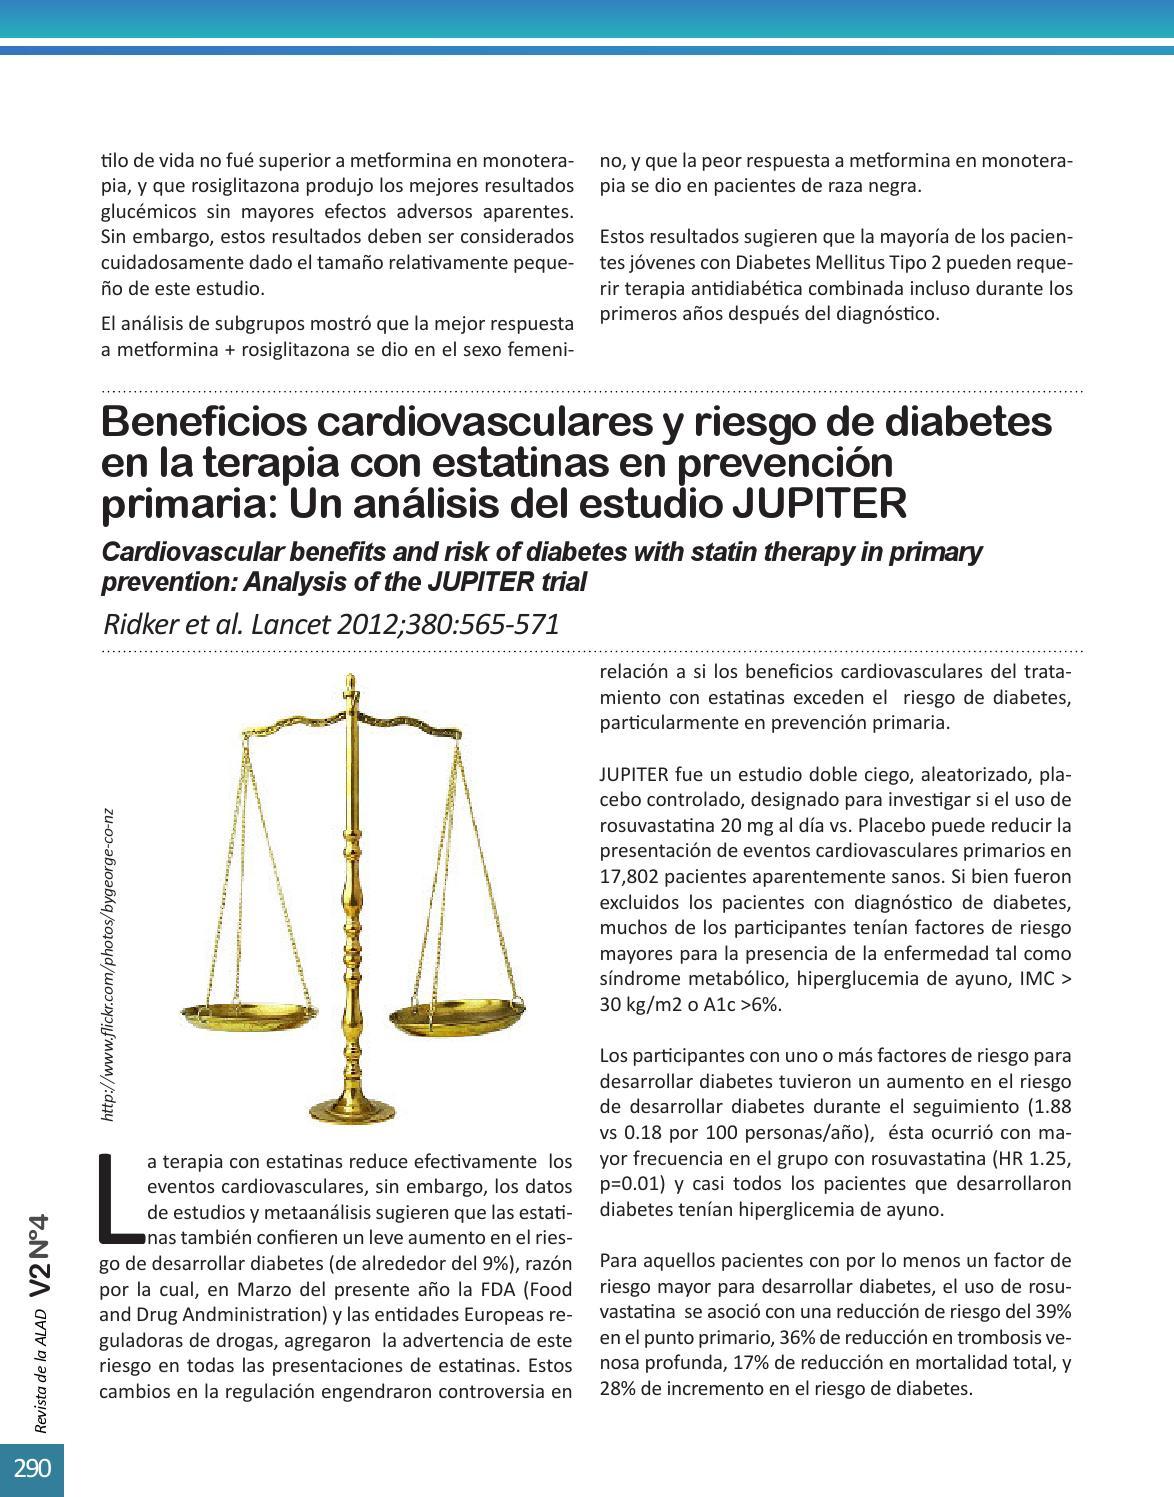 diabetes metformina peor